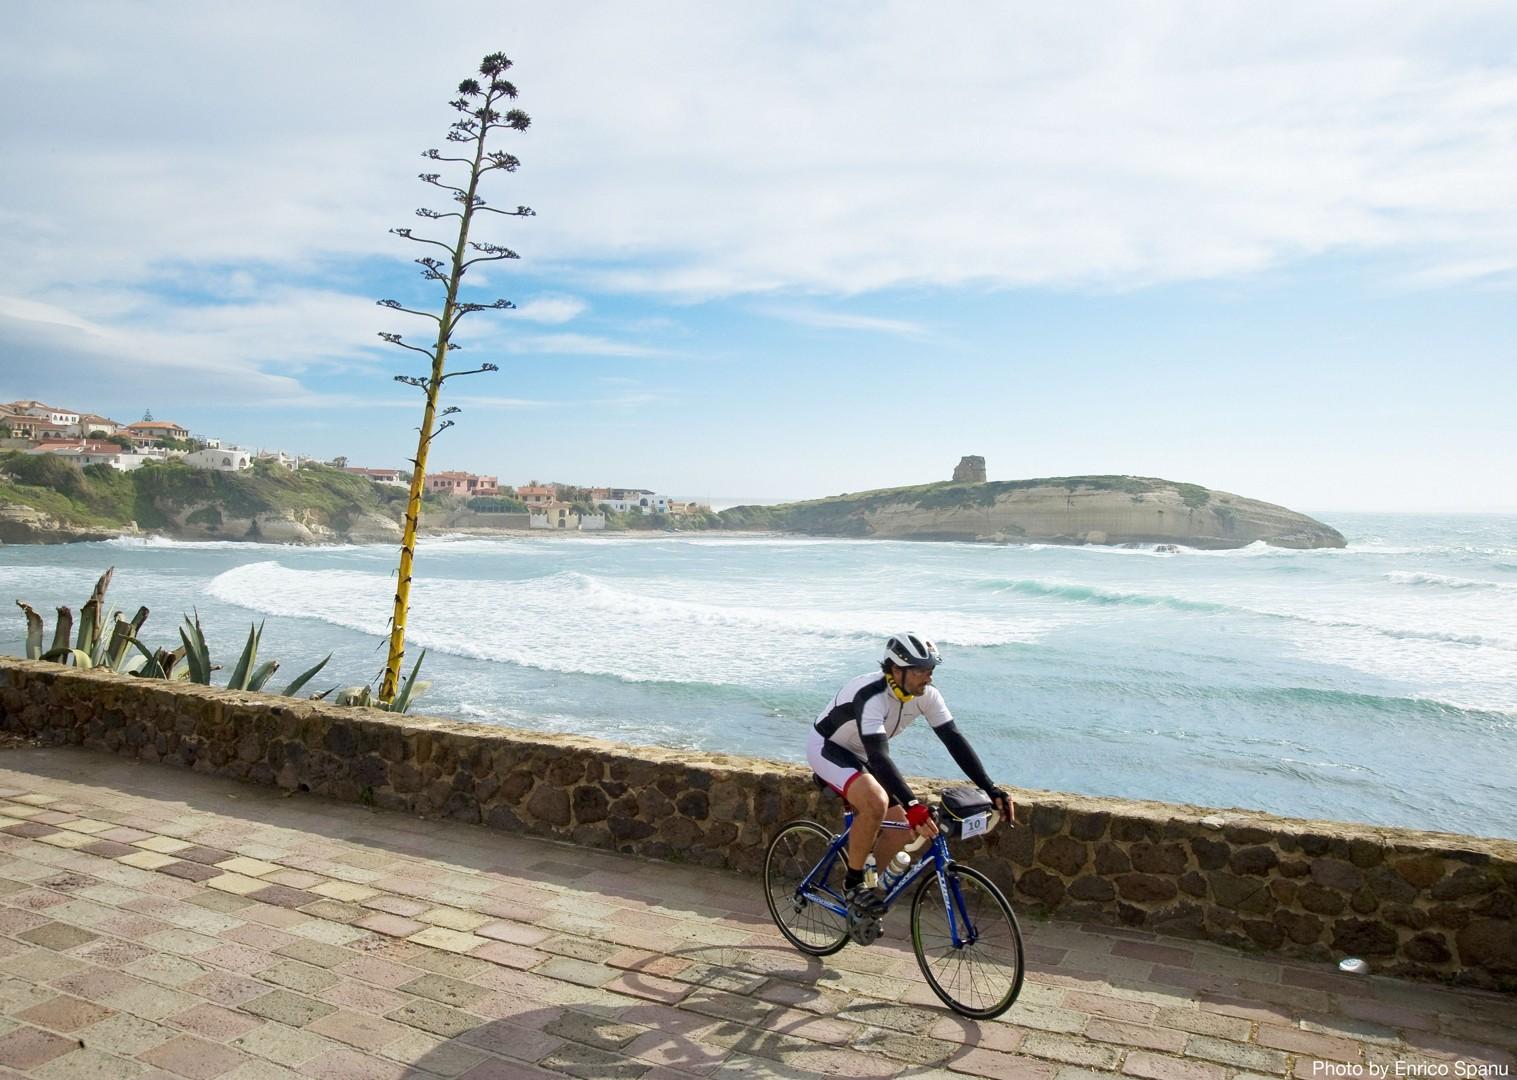 Road-Cycling-Holiday-Italy-Sardinia-Coastal-Explorer-white-beaches.jpg - Italy - Sardinia - Coastal Explorer - Road Cycling